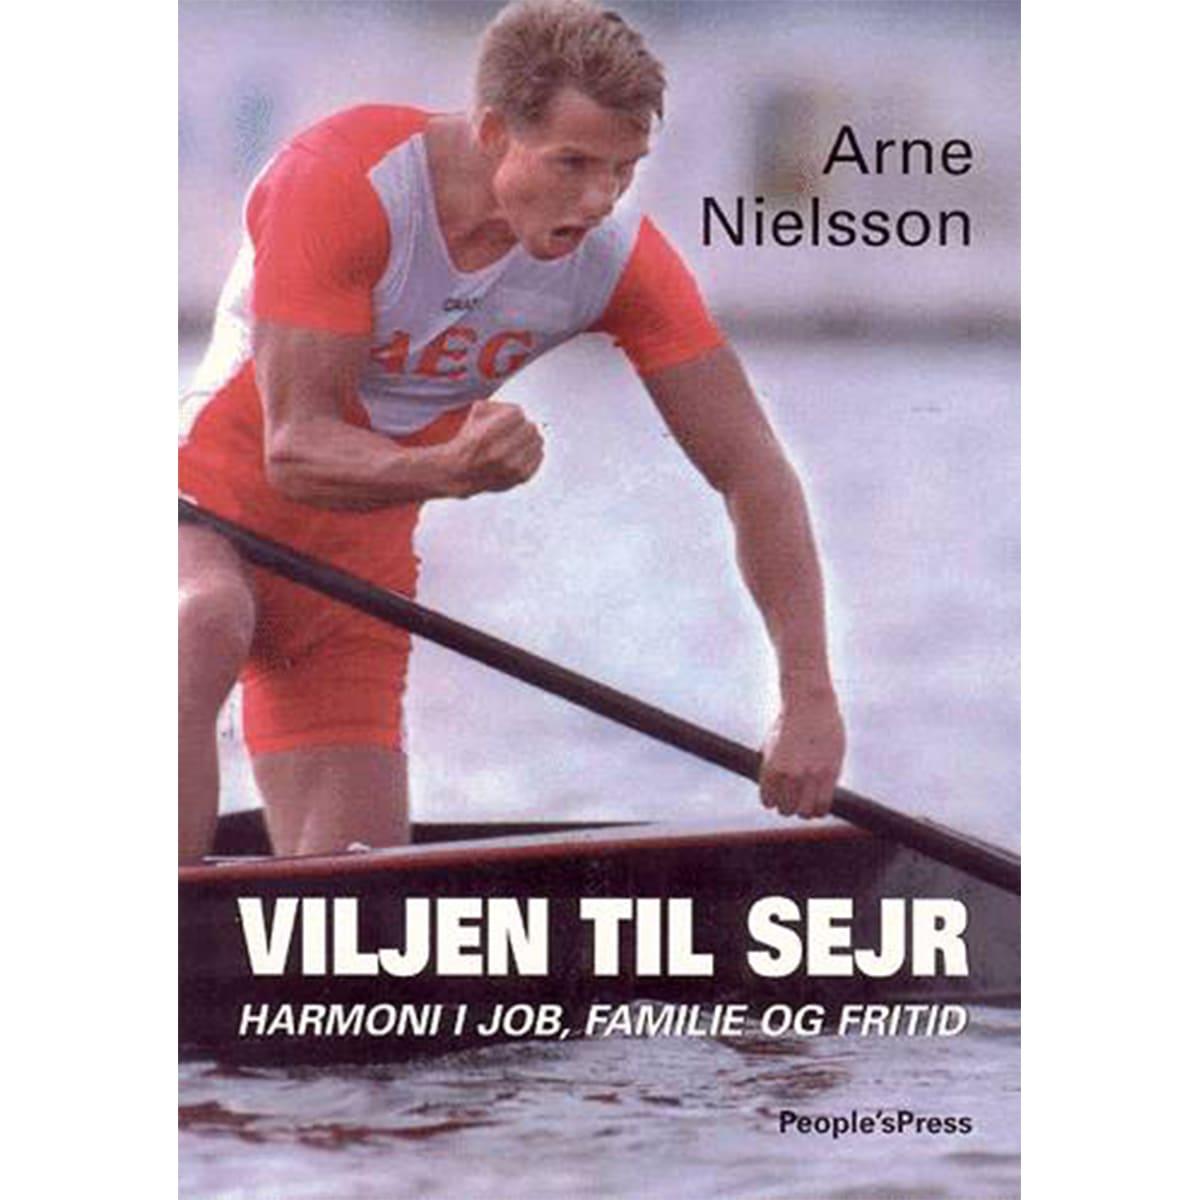 Af Arne Nielsson